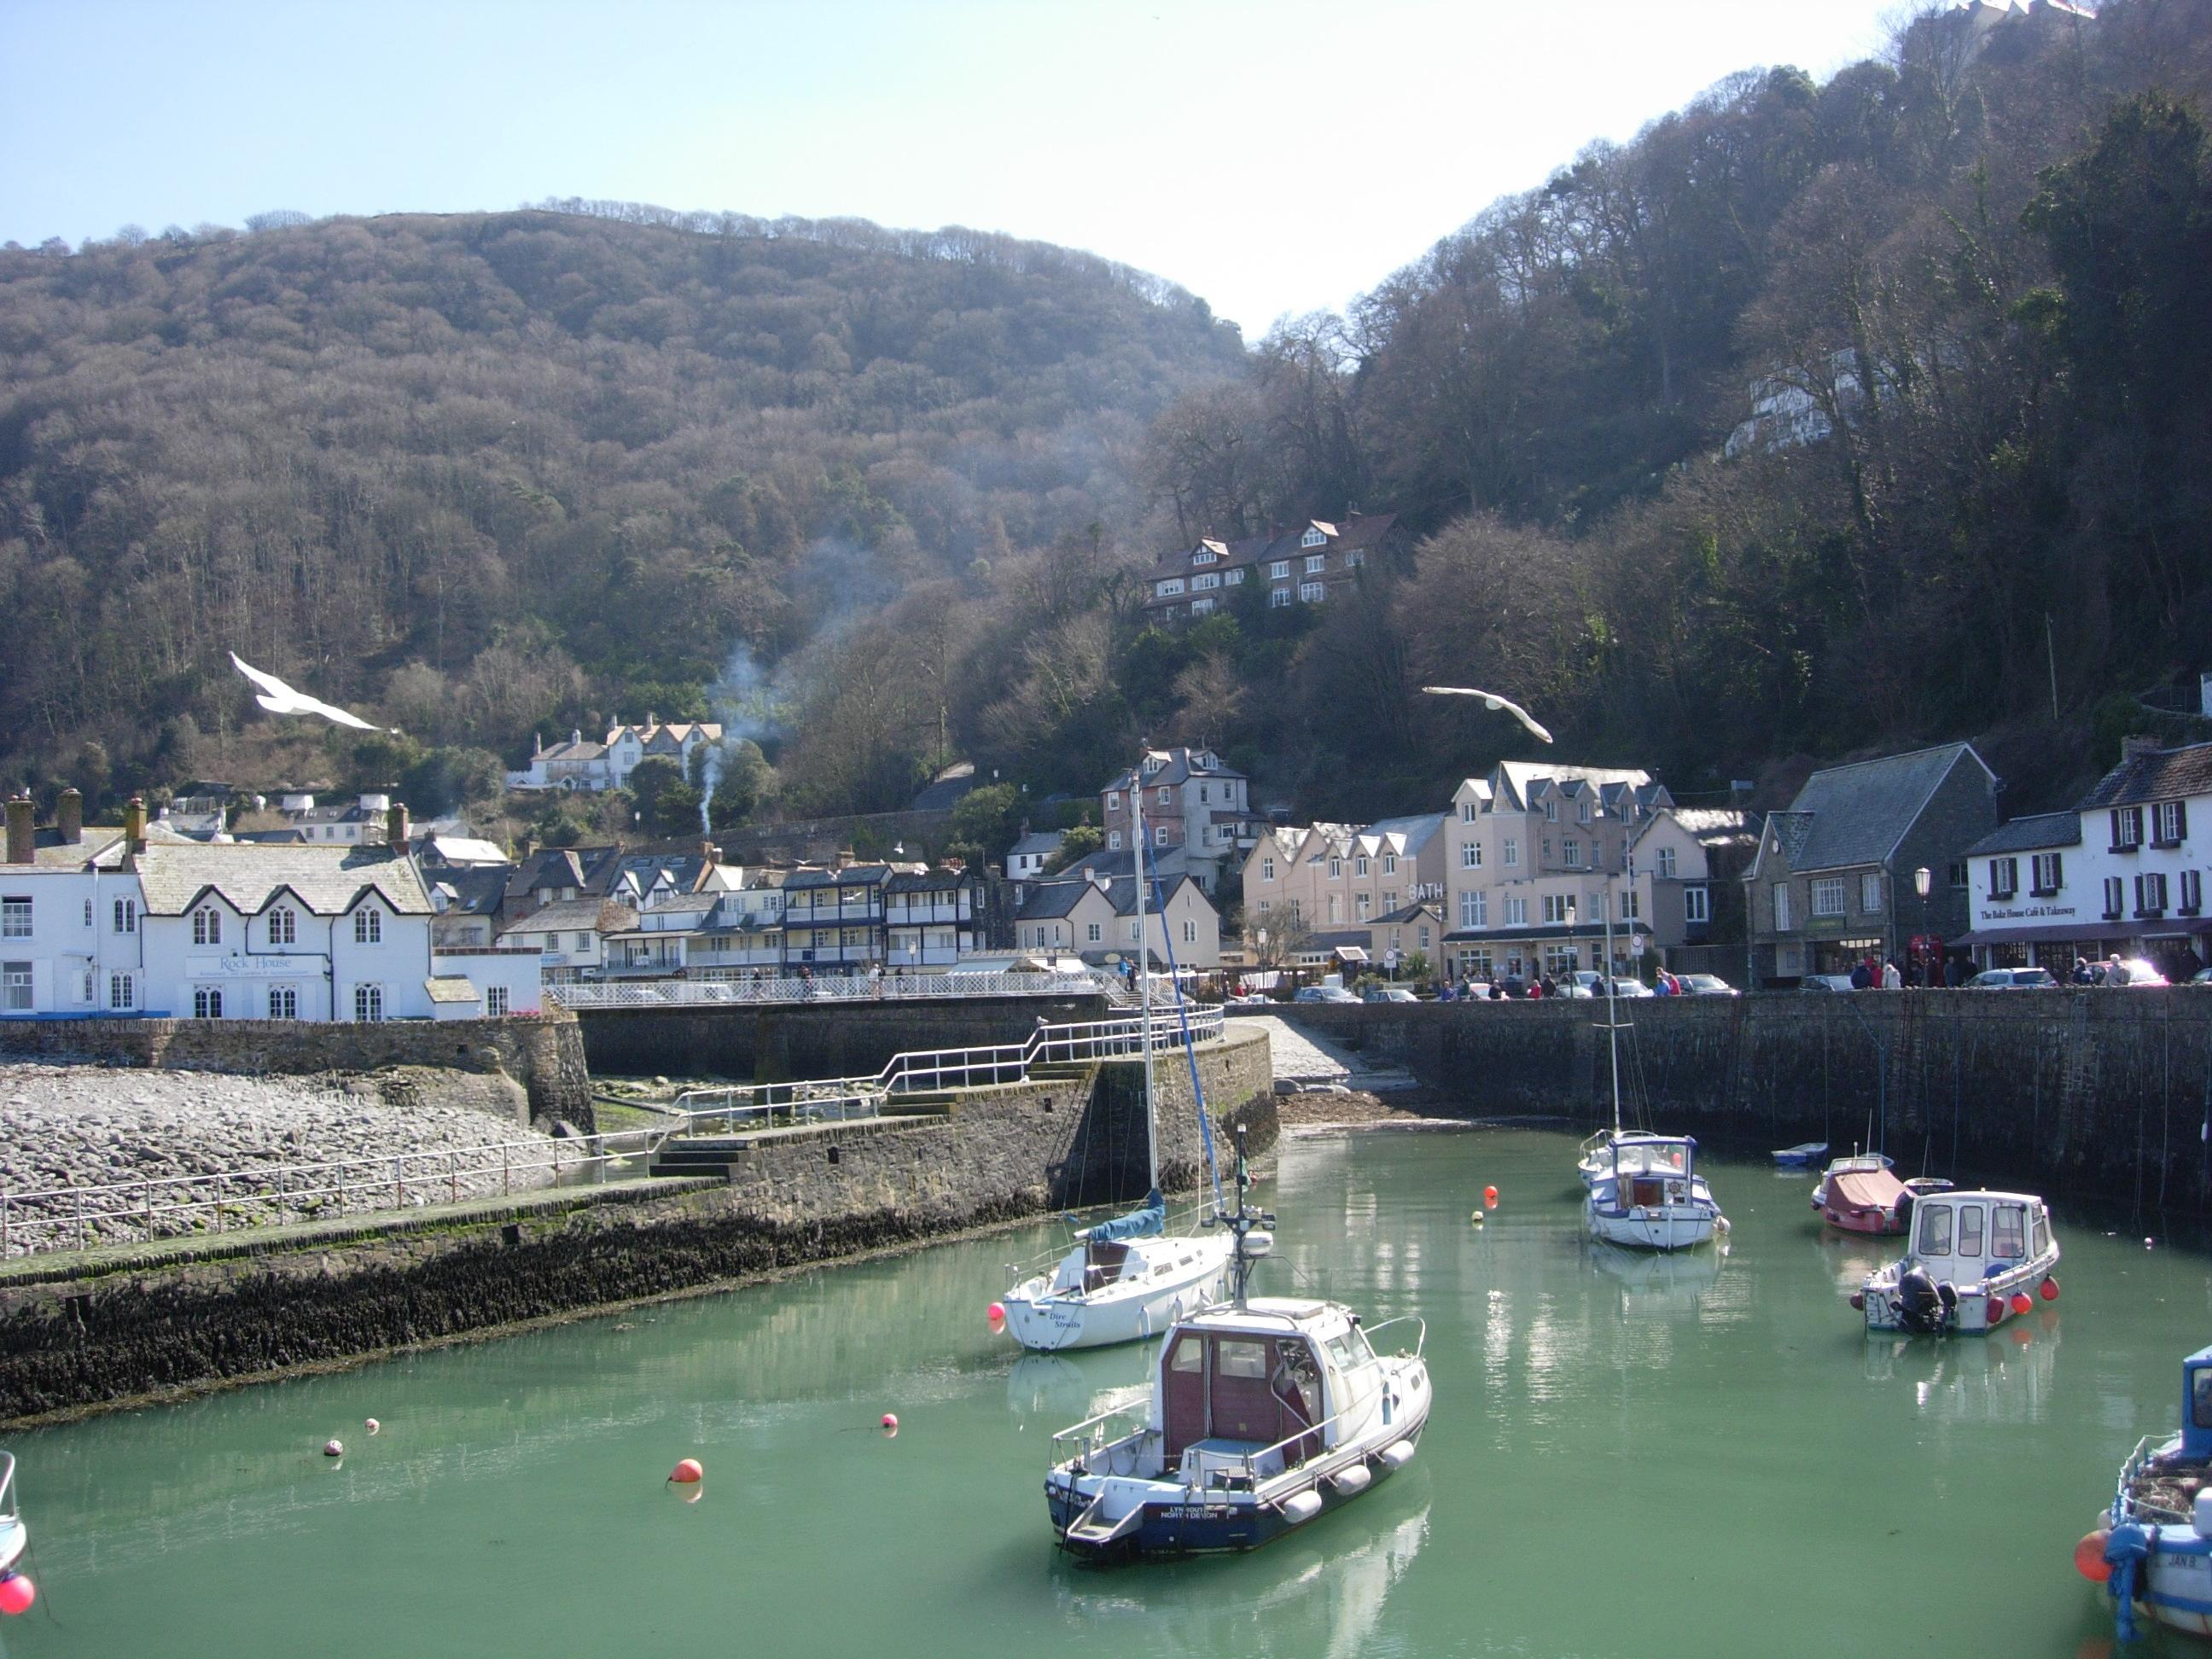 coastal-scenery-exmoor-walks-pubs-flood-railway71